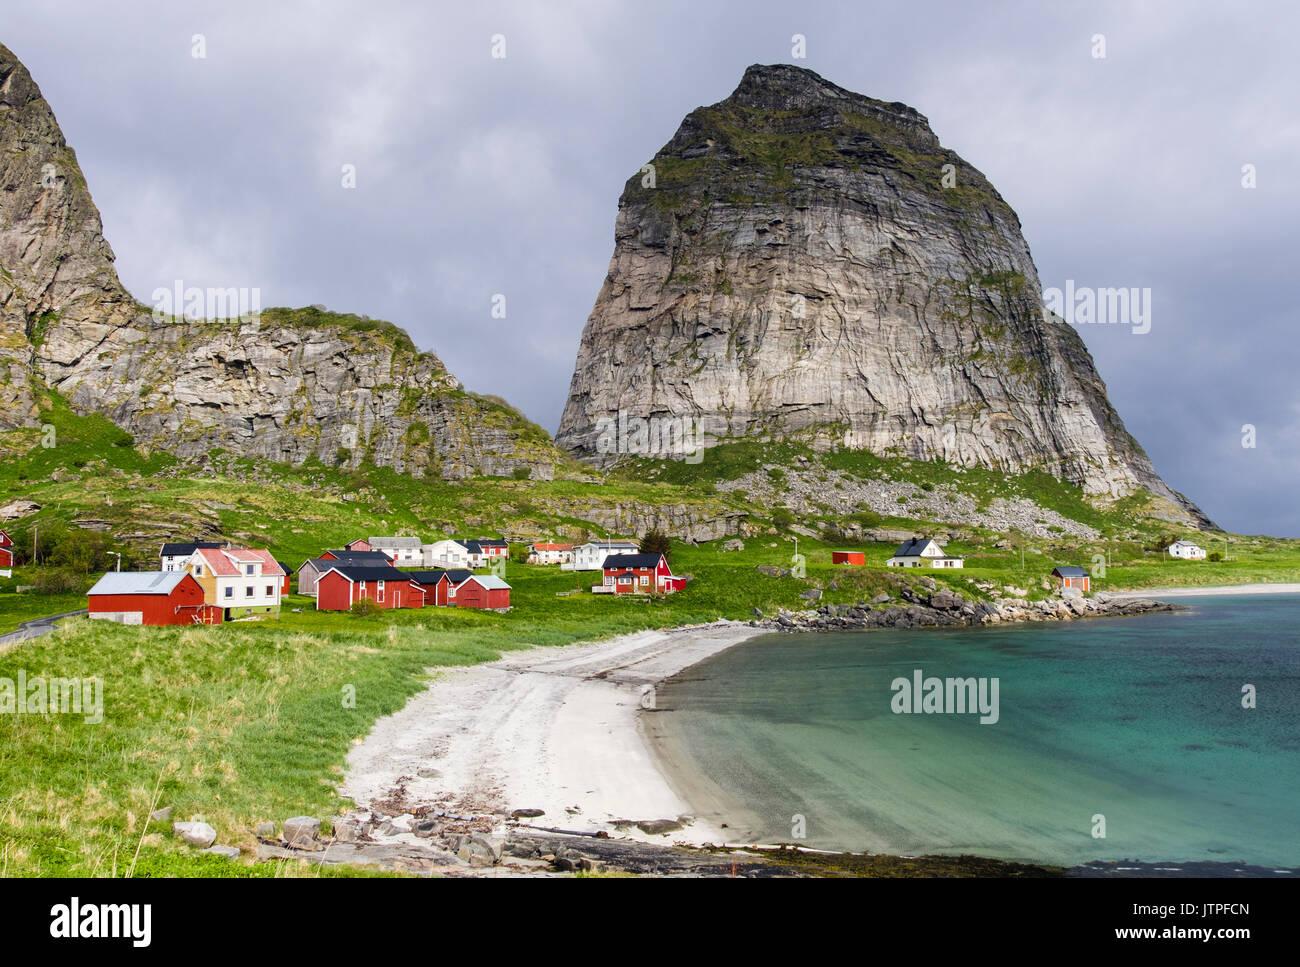 Il vecchio ex villaggio di pescatori case su Sanna isola, Traena, Nordland county, Norvegia, Scandinavia, Europa. Immagini Stock